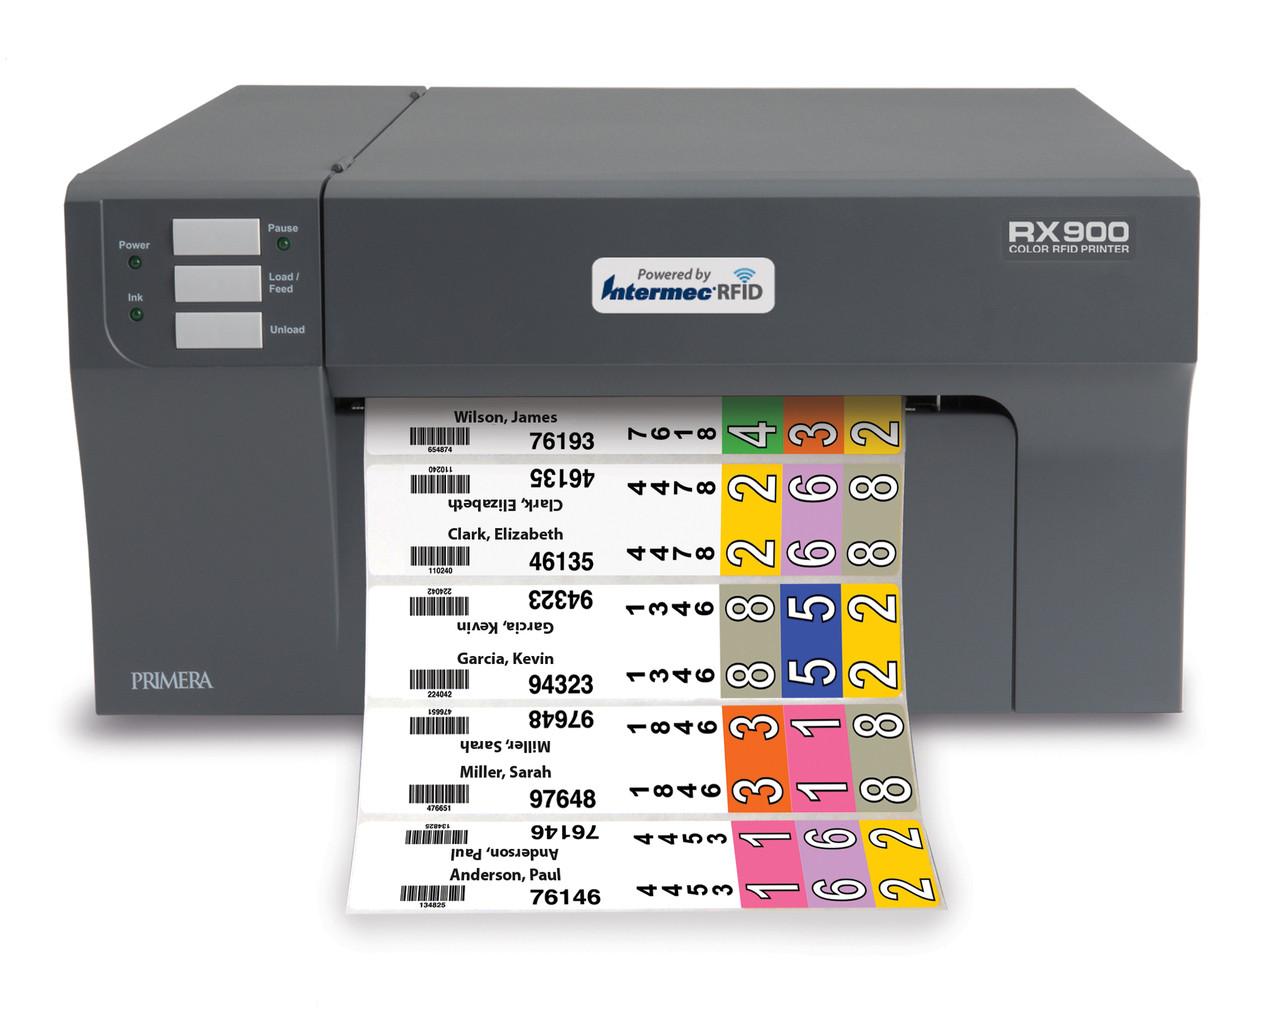 d37afd8ac4a Primera RX900 Color RFID label printer